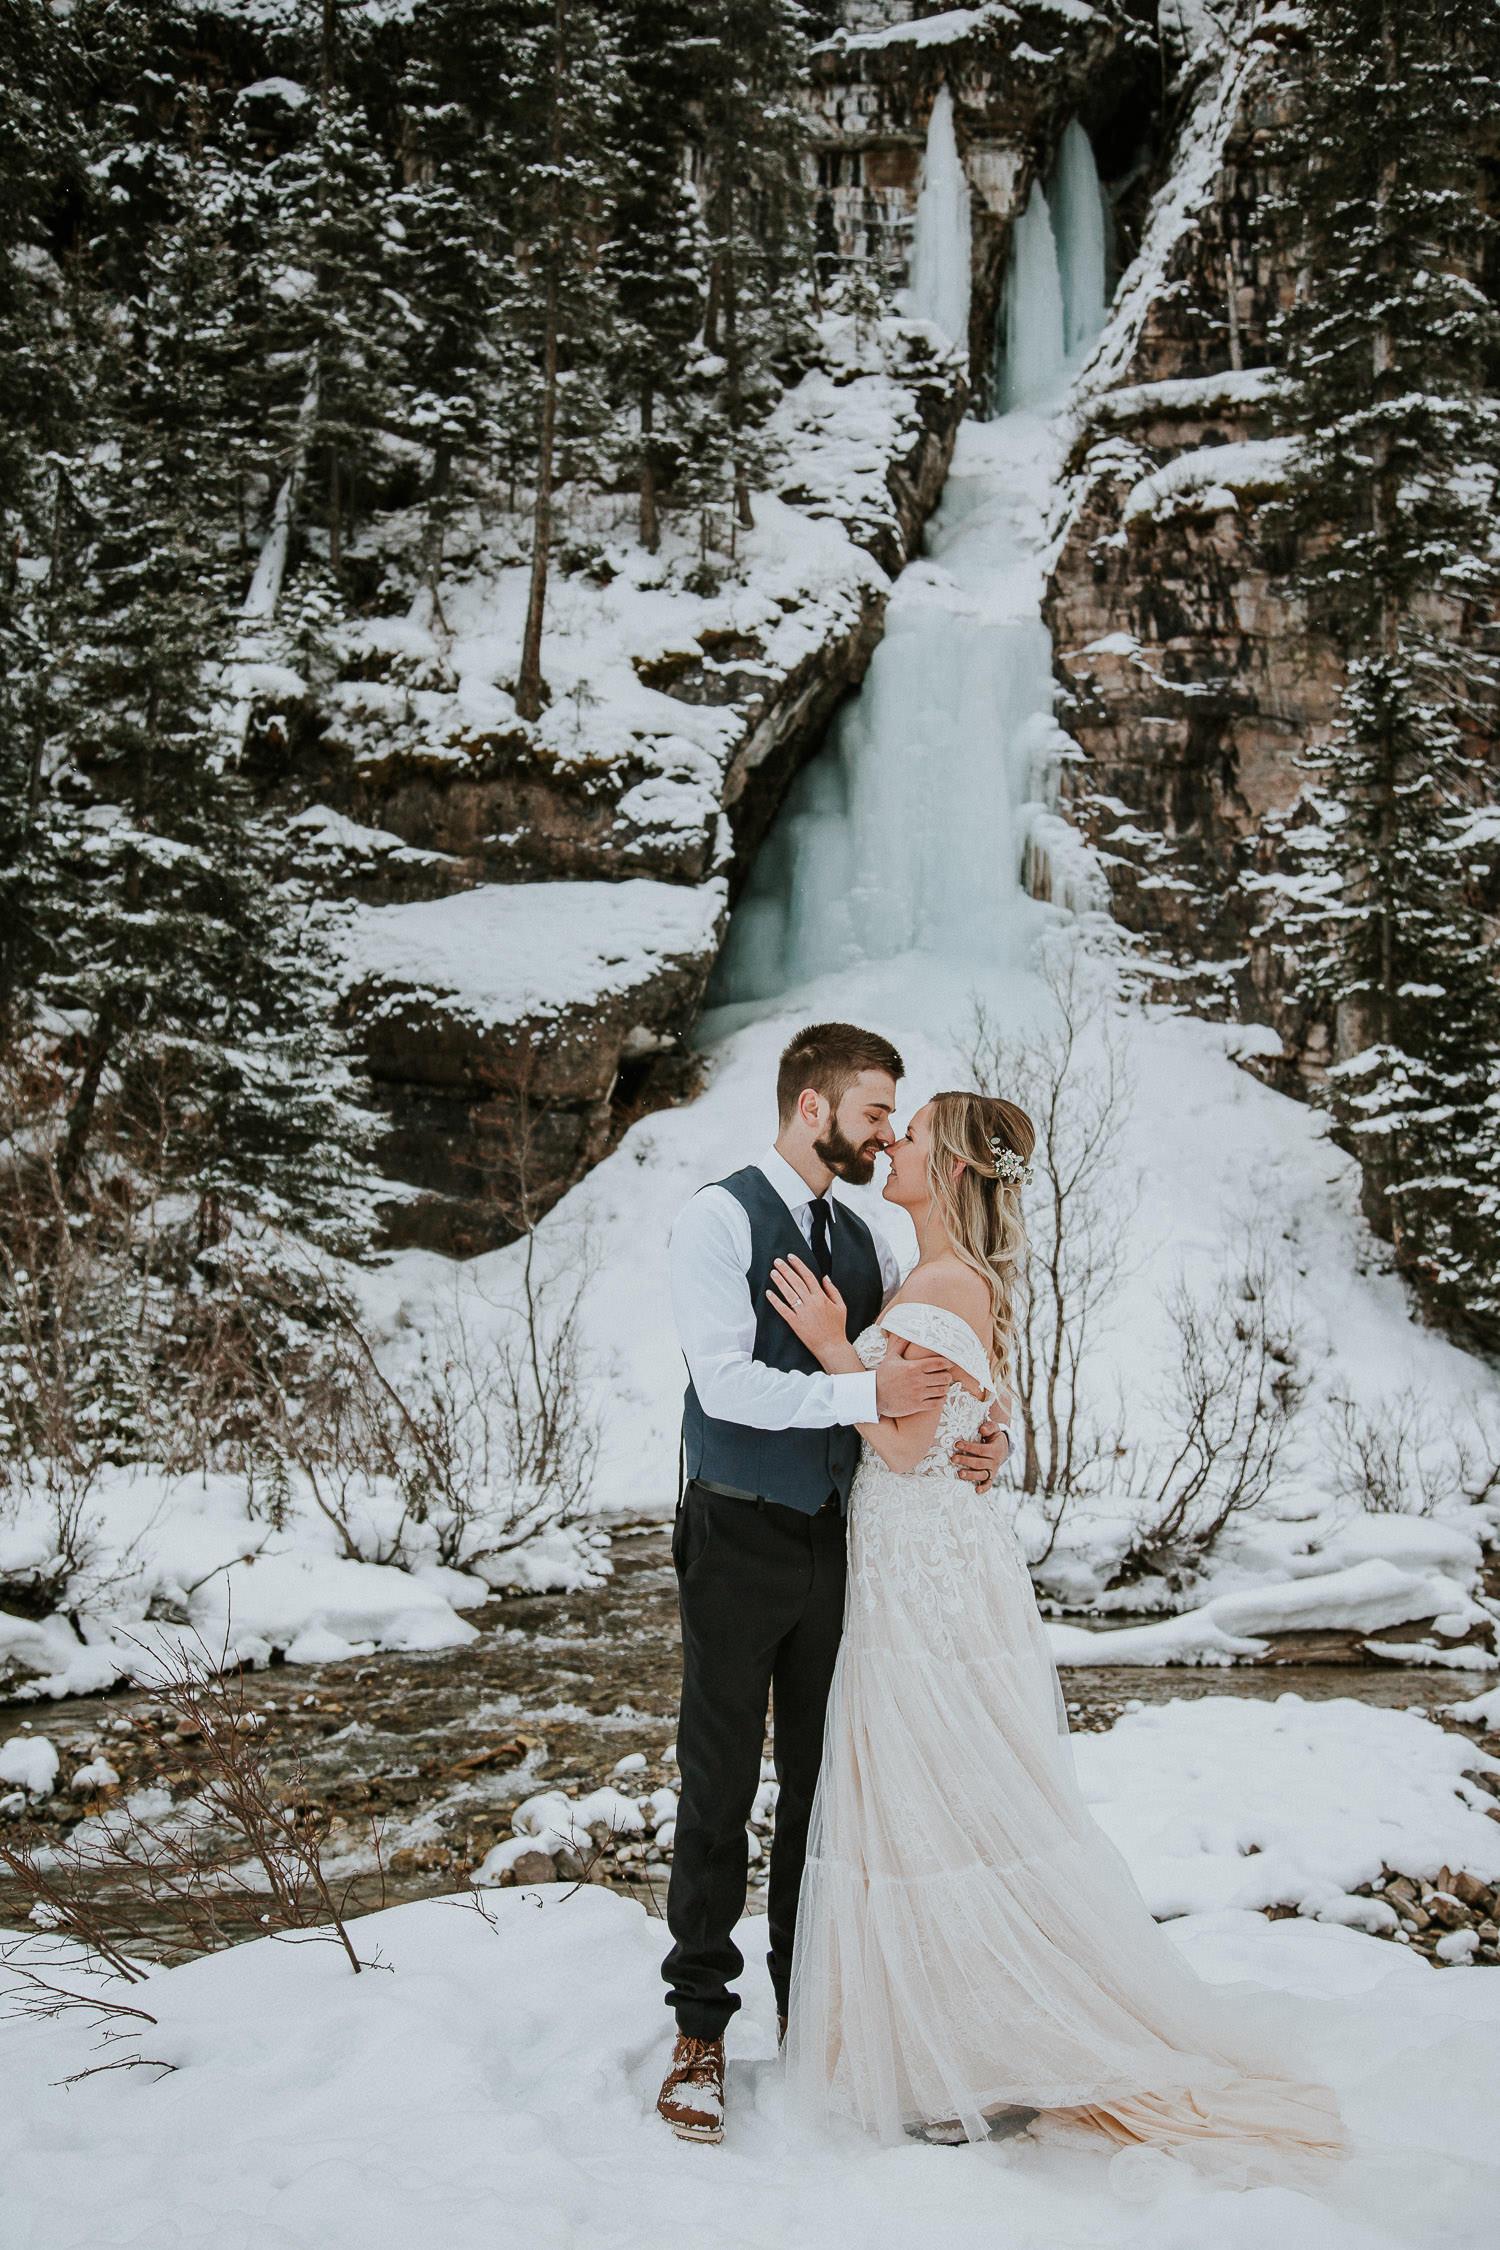 canadian-rocky-mountain-elopement-photographers-sarah-pukin-0015